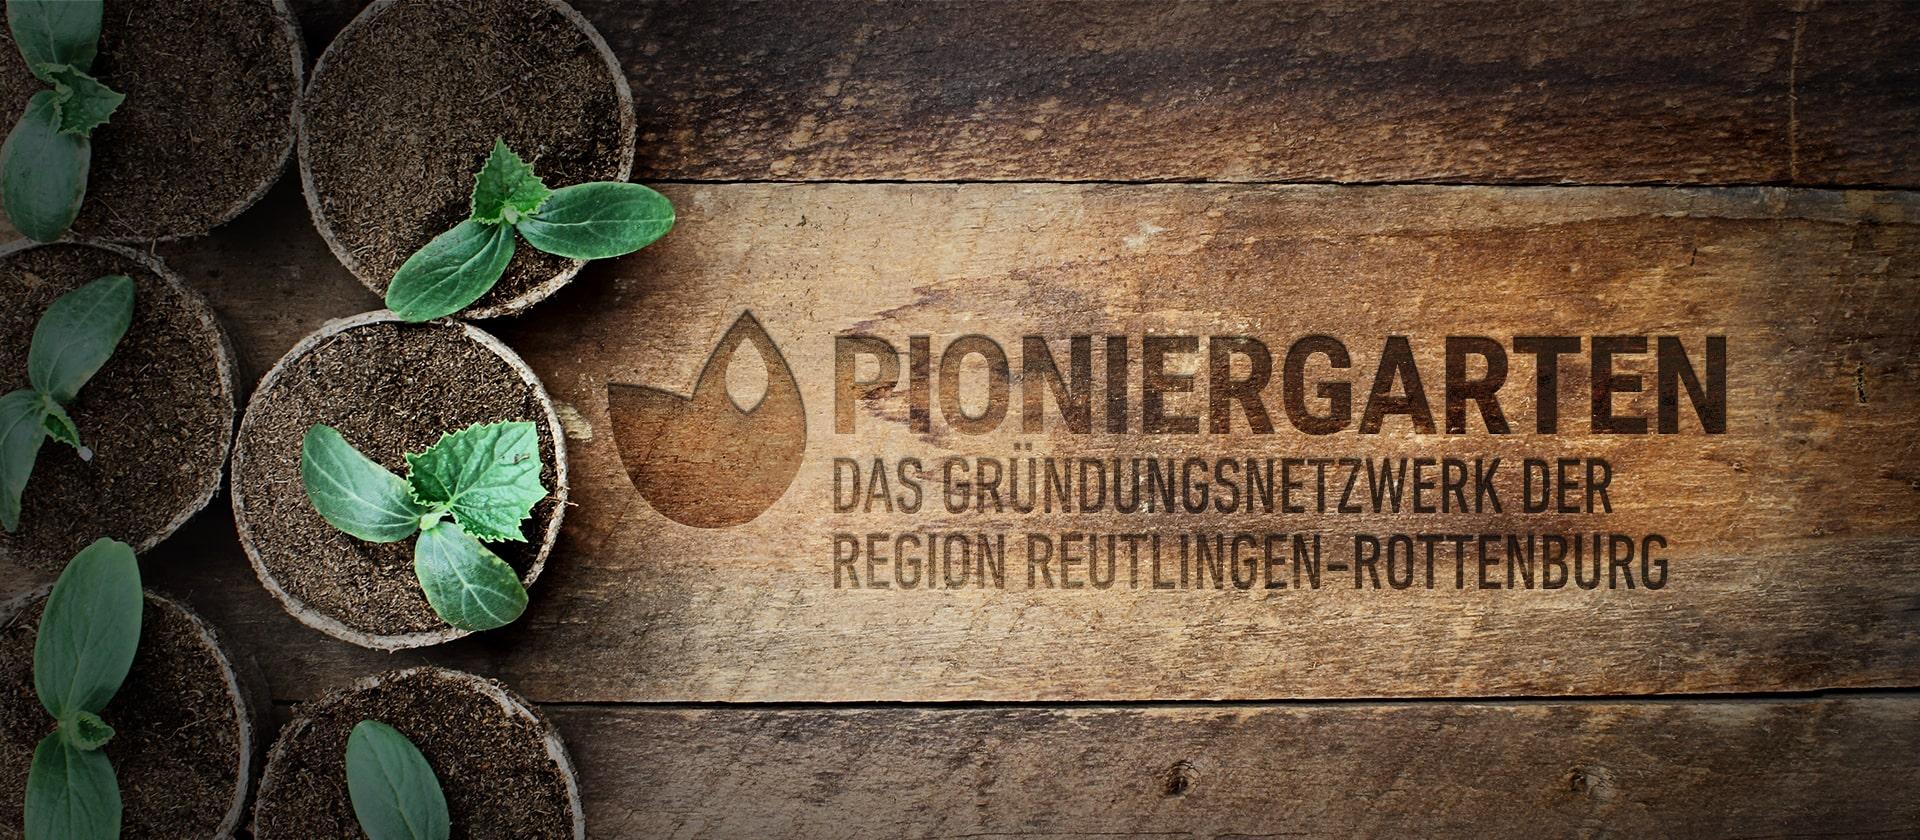 Pioniergarten Homepage